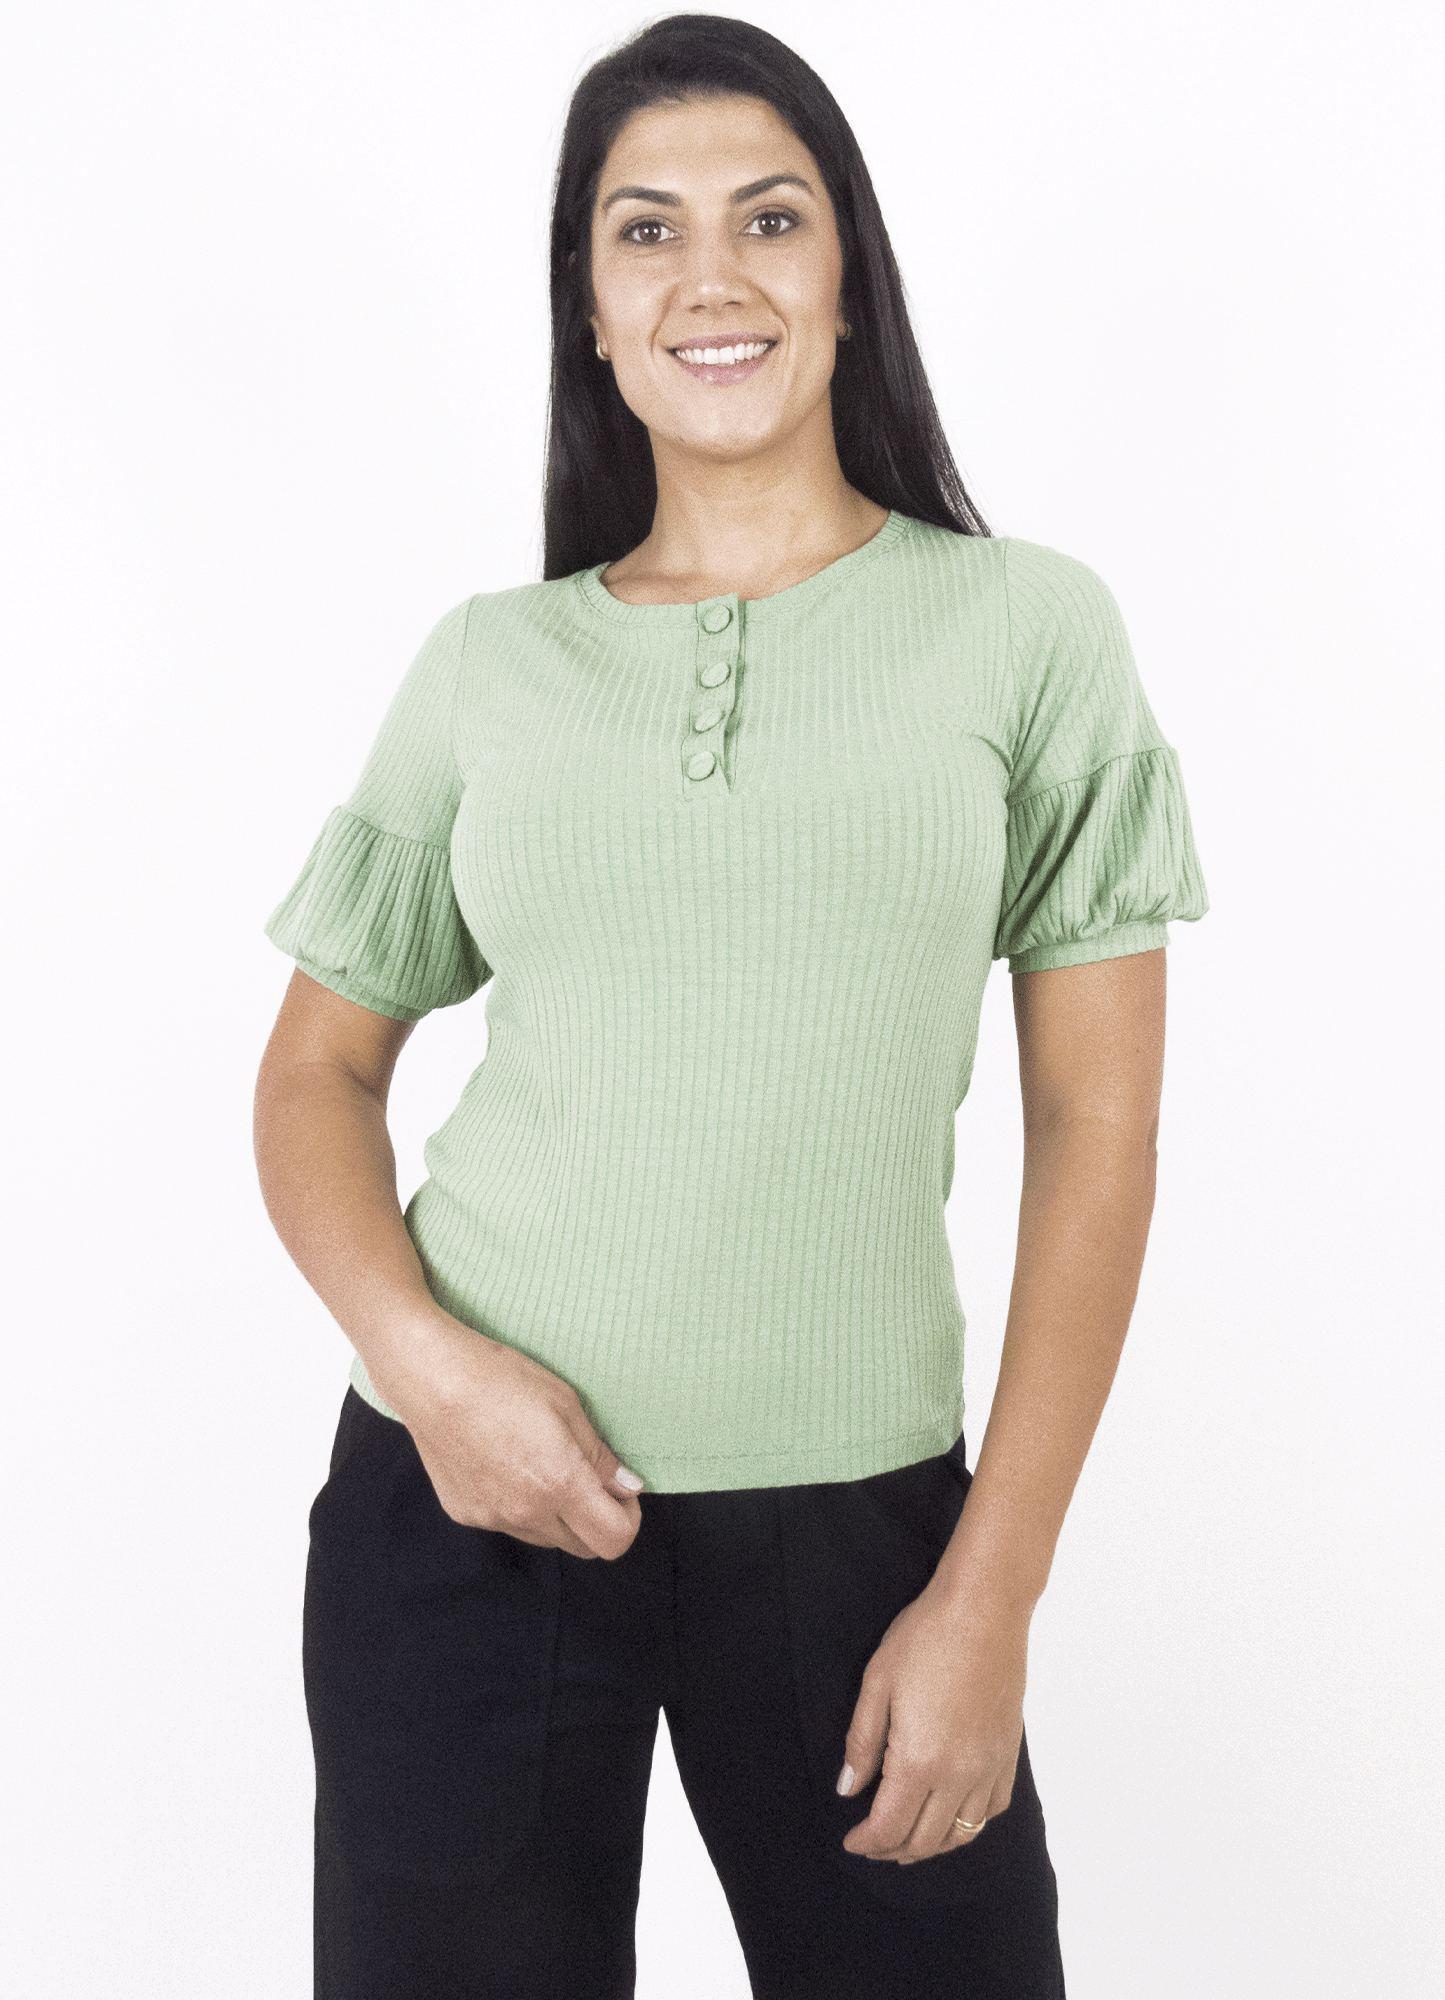 Blusa Feminina Canelada Verde com Pregas nas Mangas e Botões Decorativos no decote